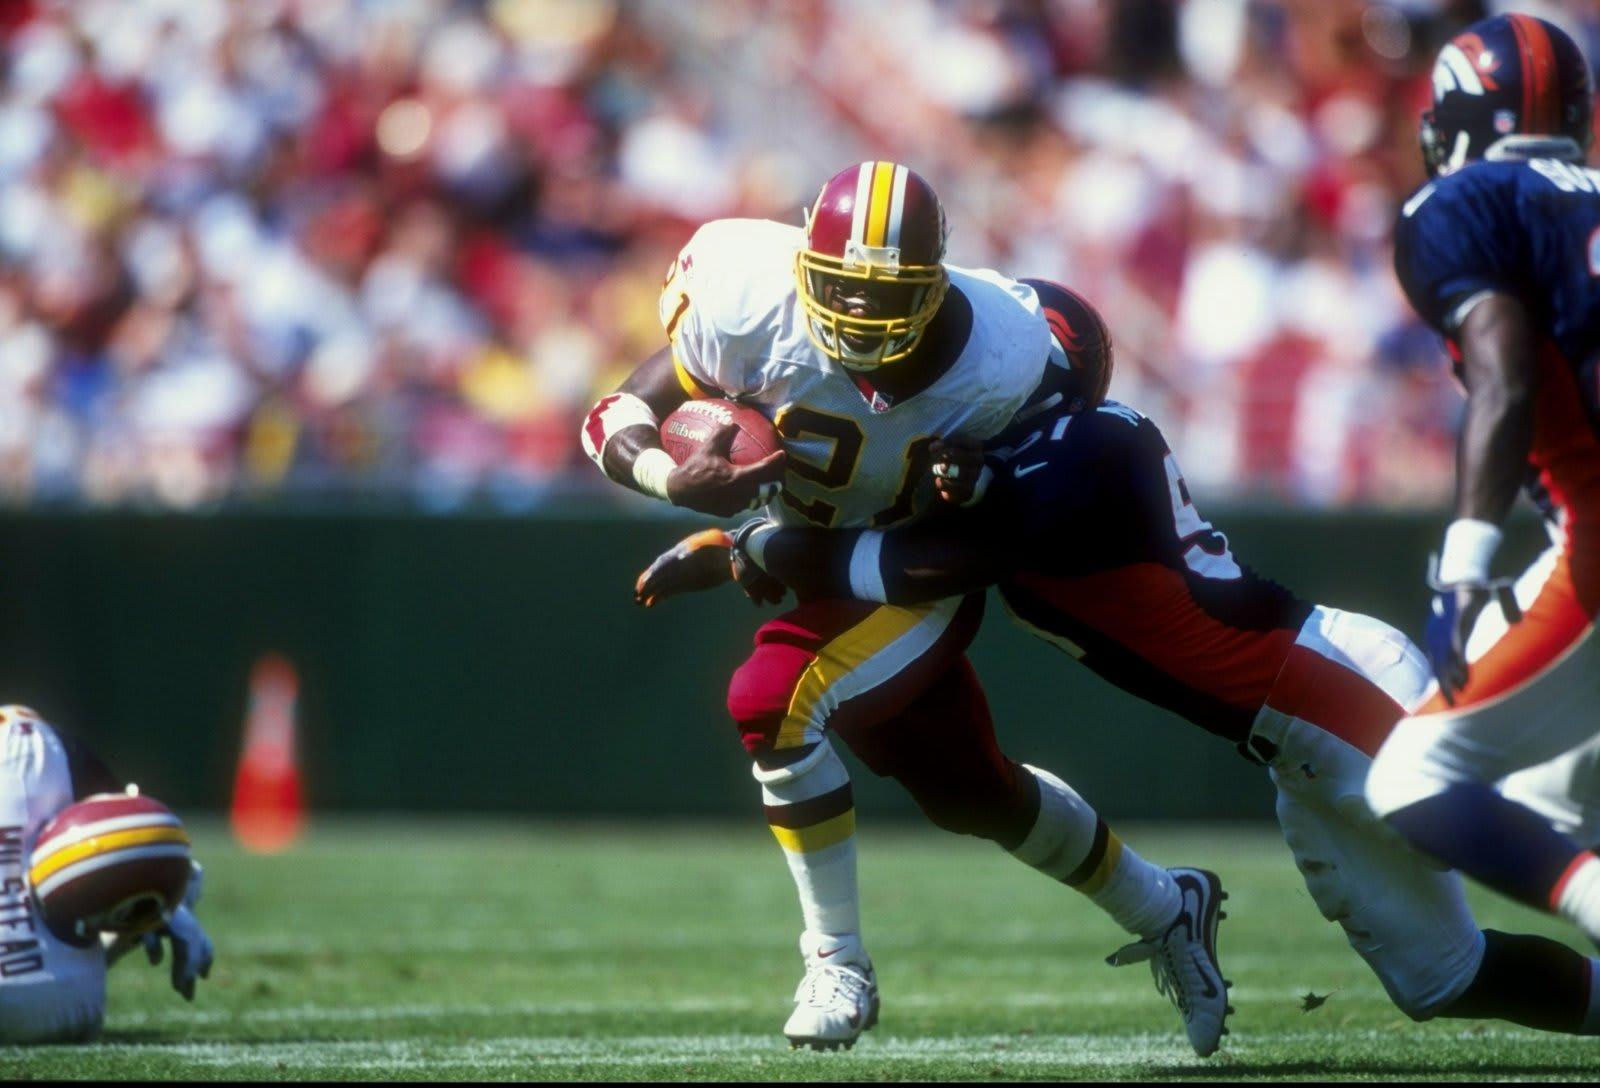 Terry Allen, Washington Redskins